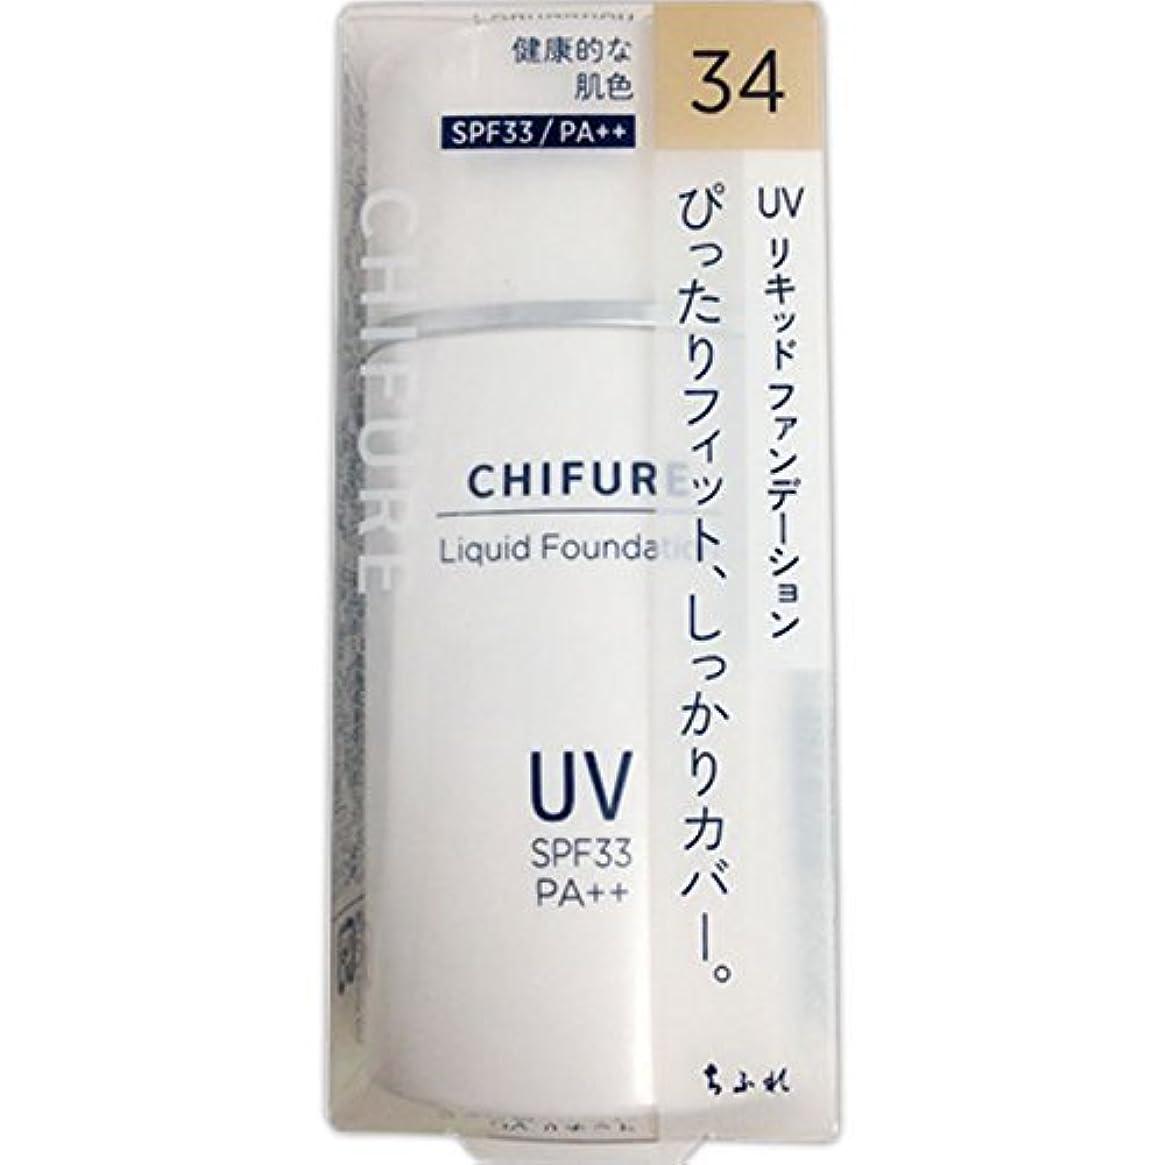 電気技師静的論理的にちふれ化粧品 UV リキッド ファンデーション 34 健康的な肌色 30ML